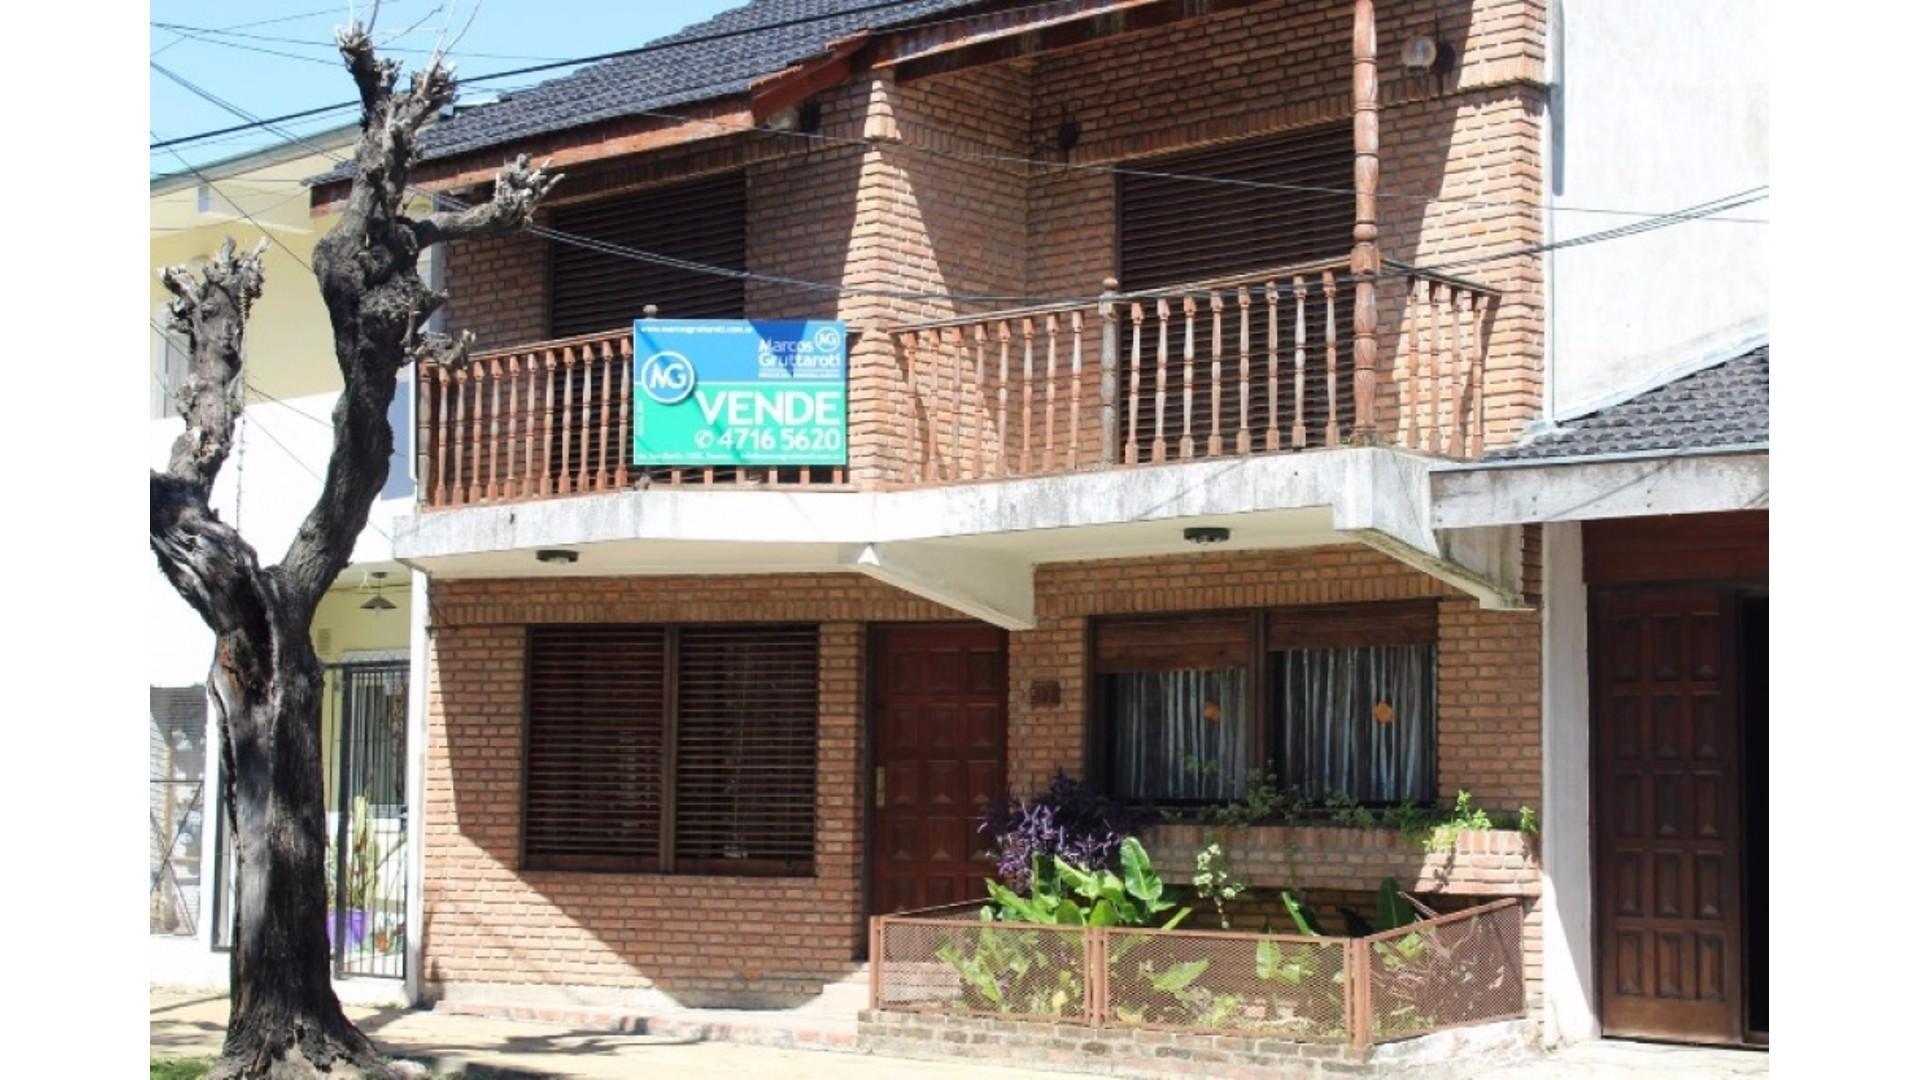 Casa en Venta en Marco Polo 5100 - Villa Bosch - Buscainmueble